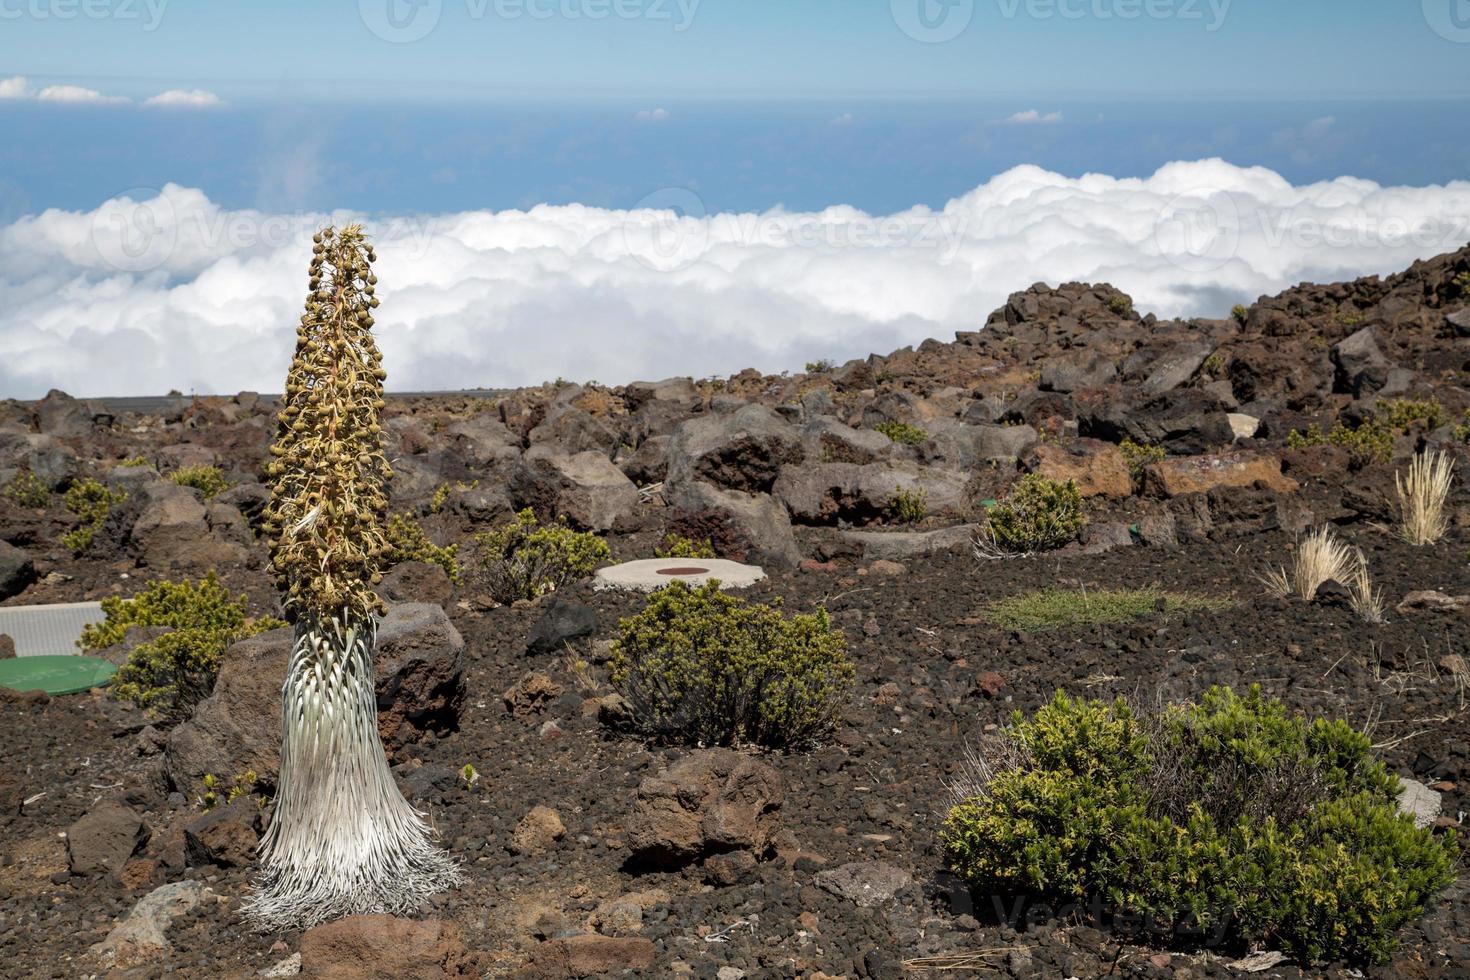 stati uniti d'america - hawaii - maui, parco nazionale di haleakala foto